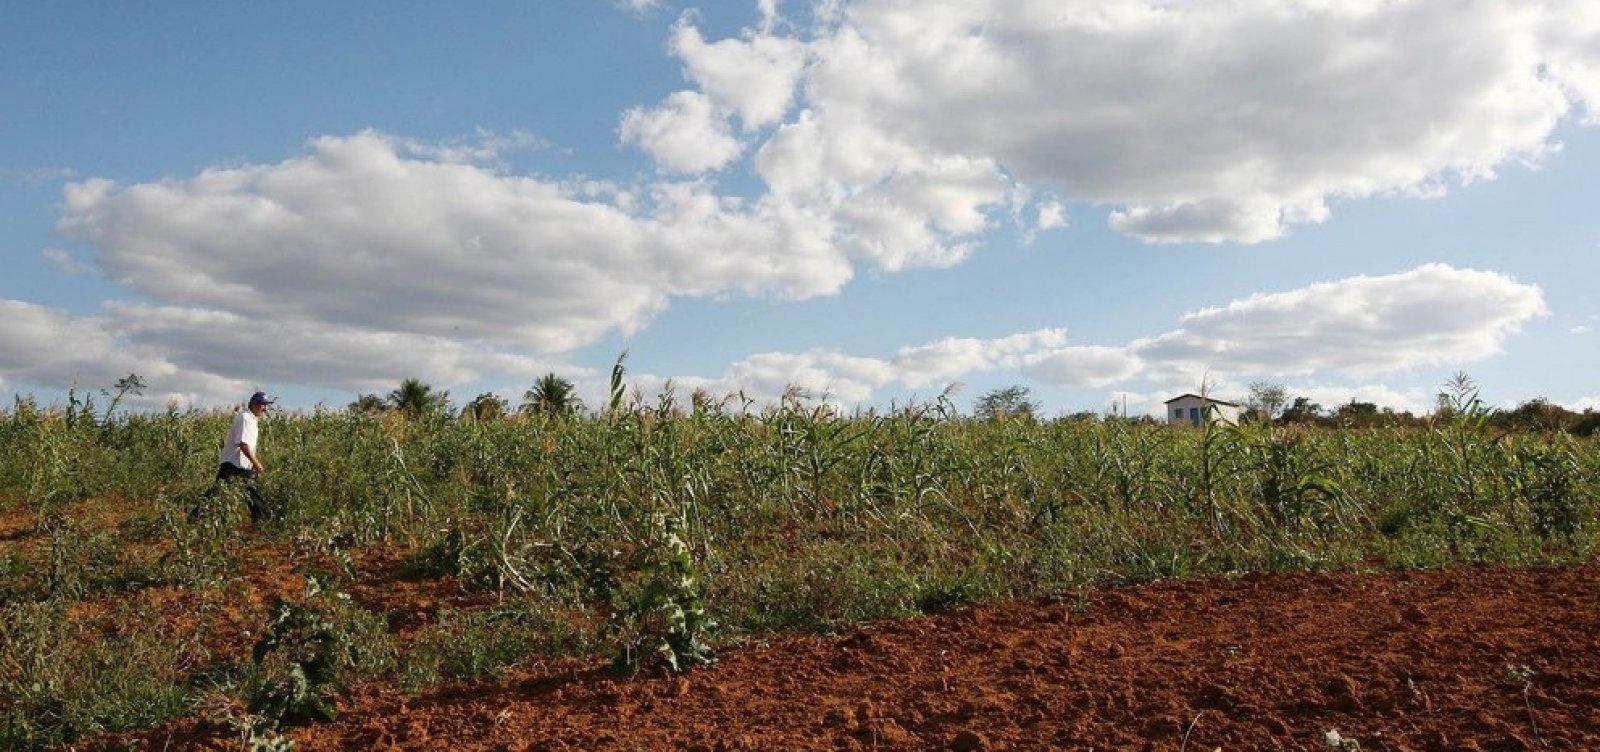 Bahia é único estado nordestino a sofrer queda no valor da produção agrícola, diz IBGE